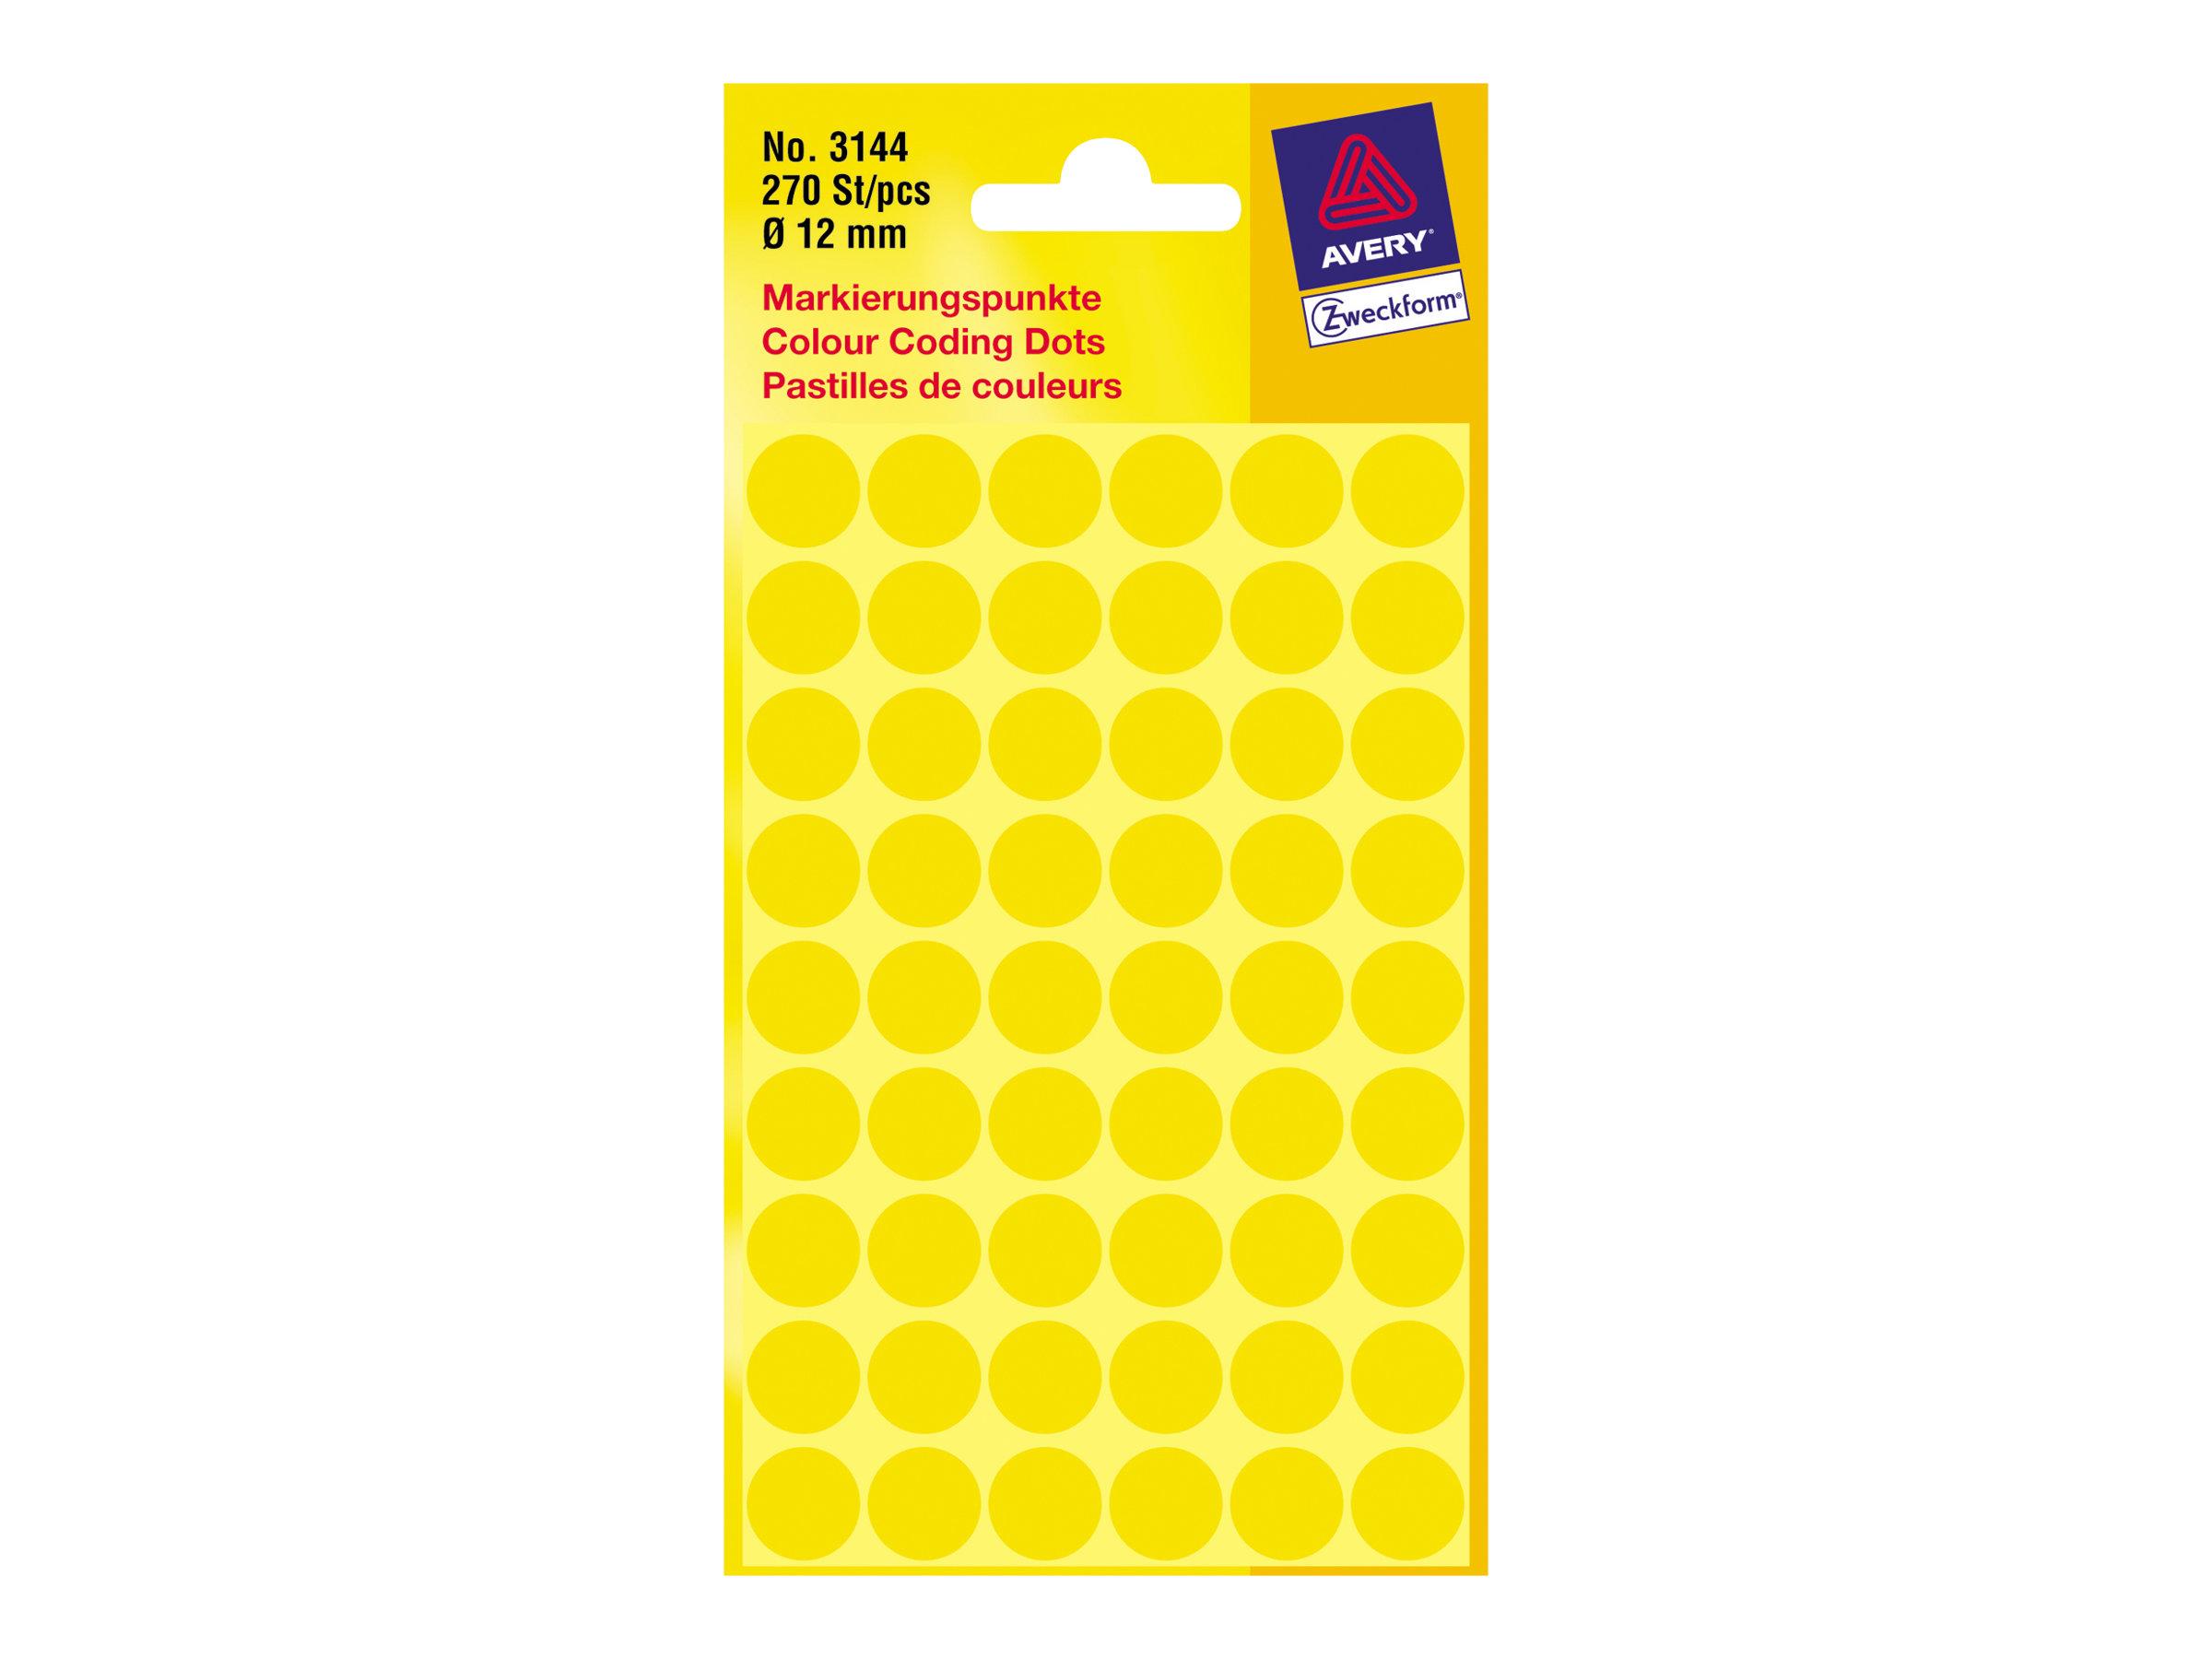 Avery Zweckform Gelb - 12 mm rund 270 Etikett(en) (5 Bogen x 54) runde Etiketten